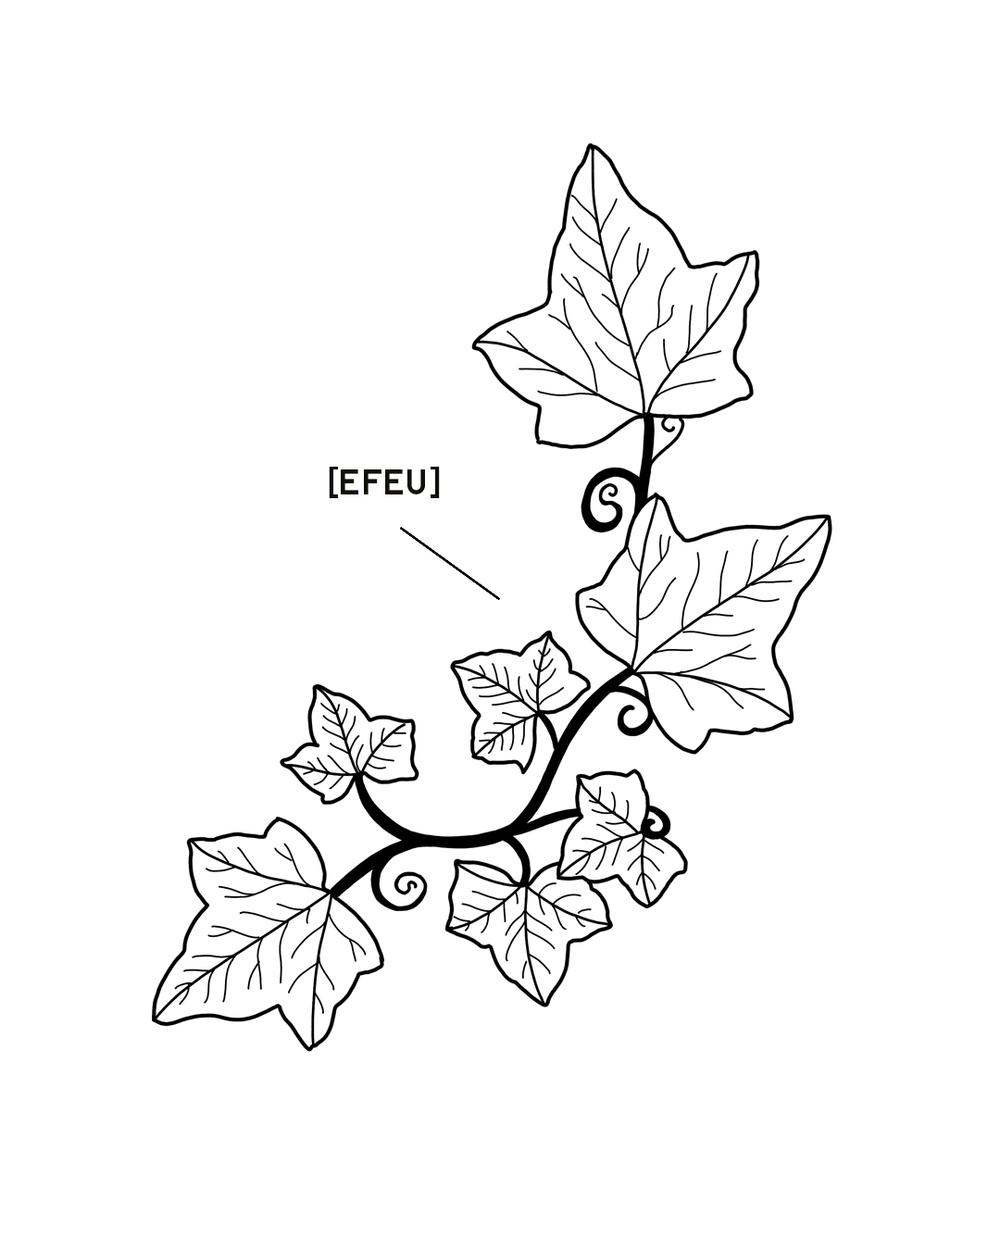 EFEU-1350X1080.png